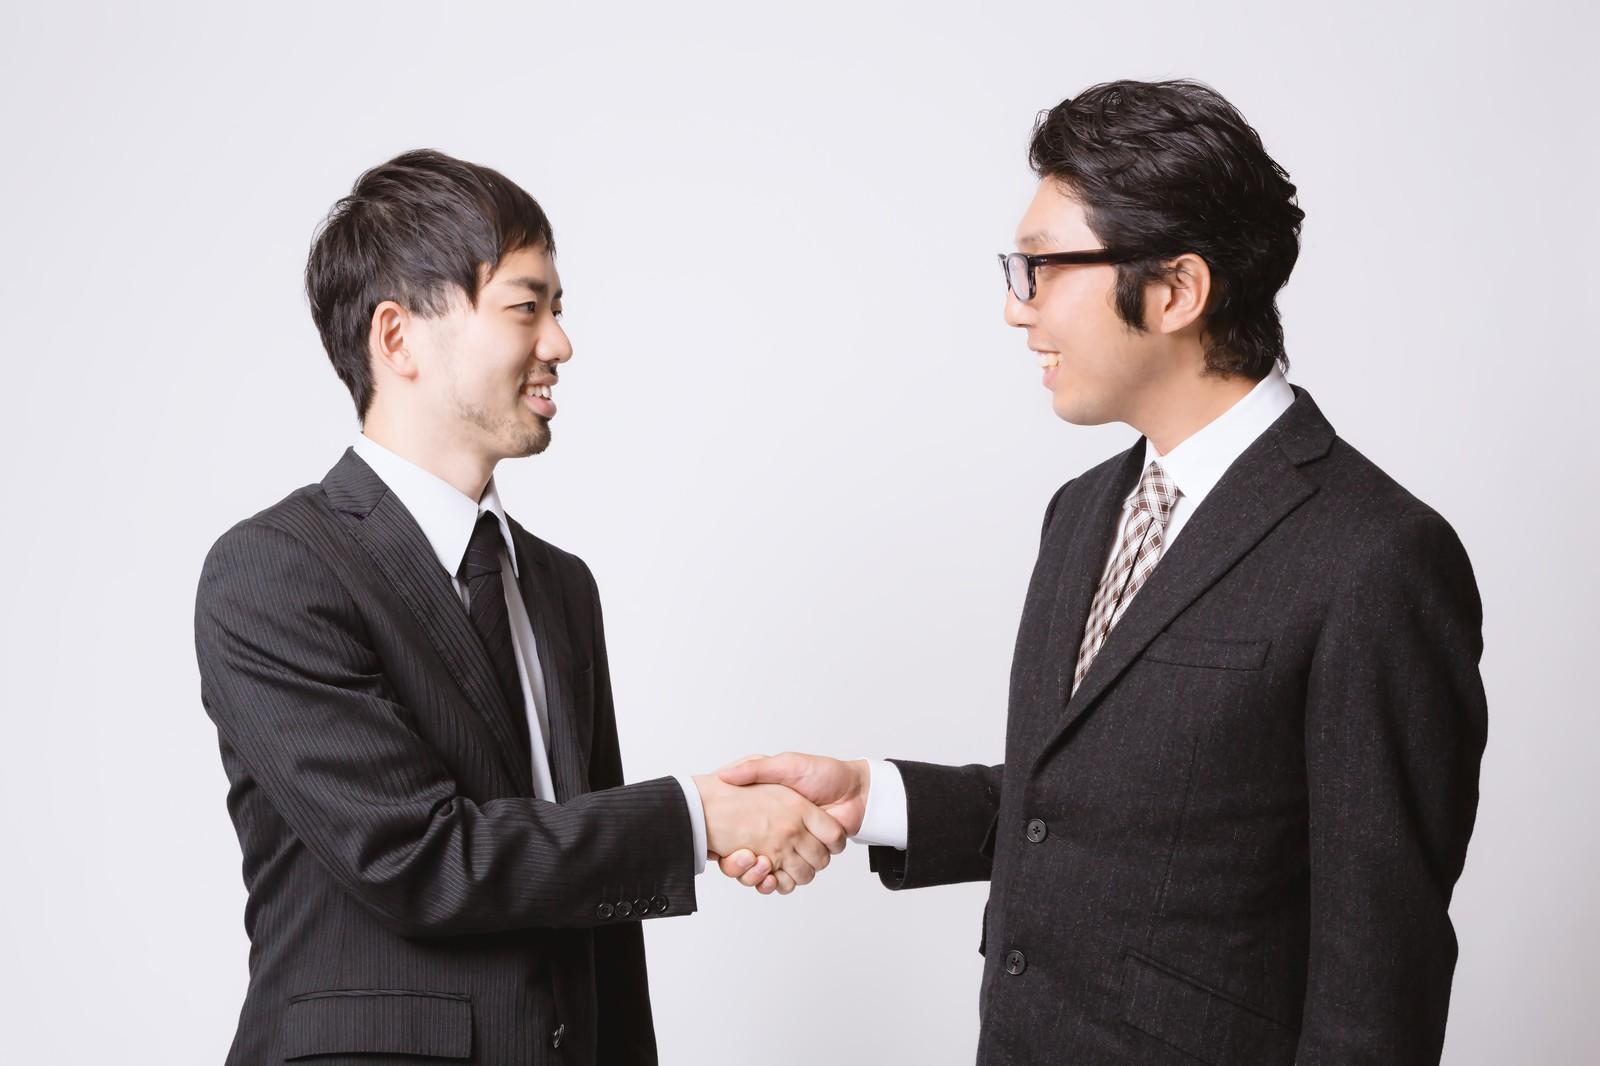 企業が共同で商品開発すると補助されます。